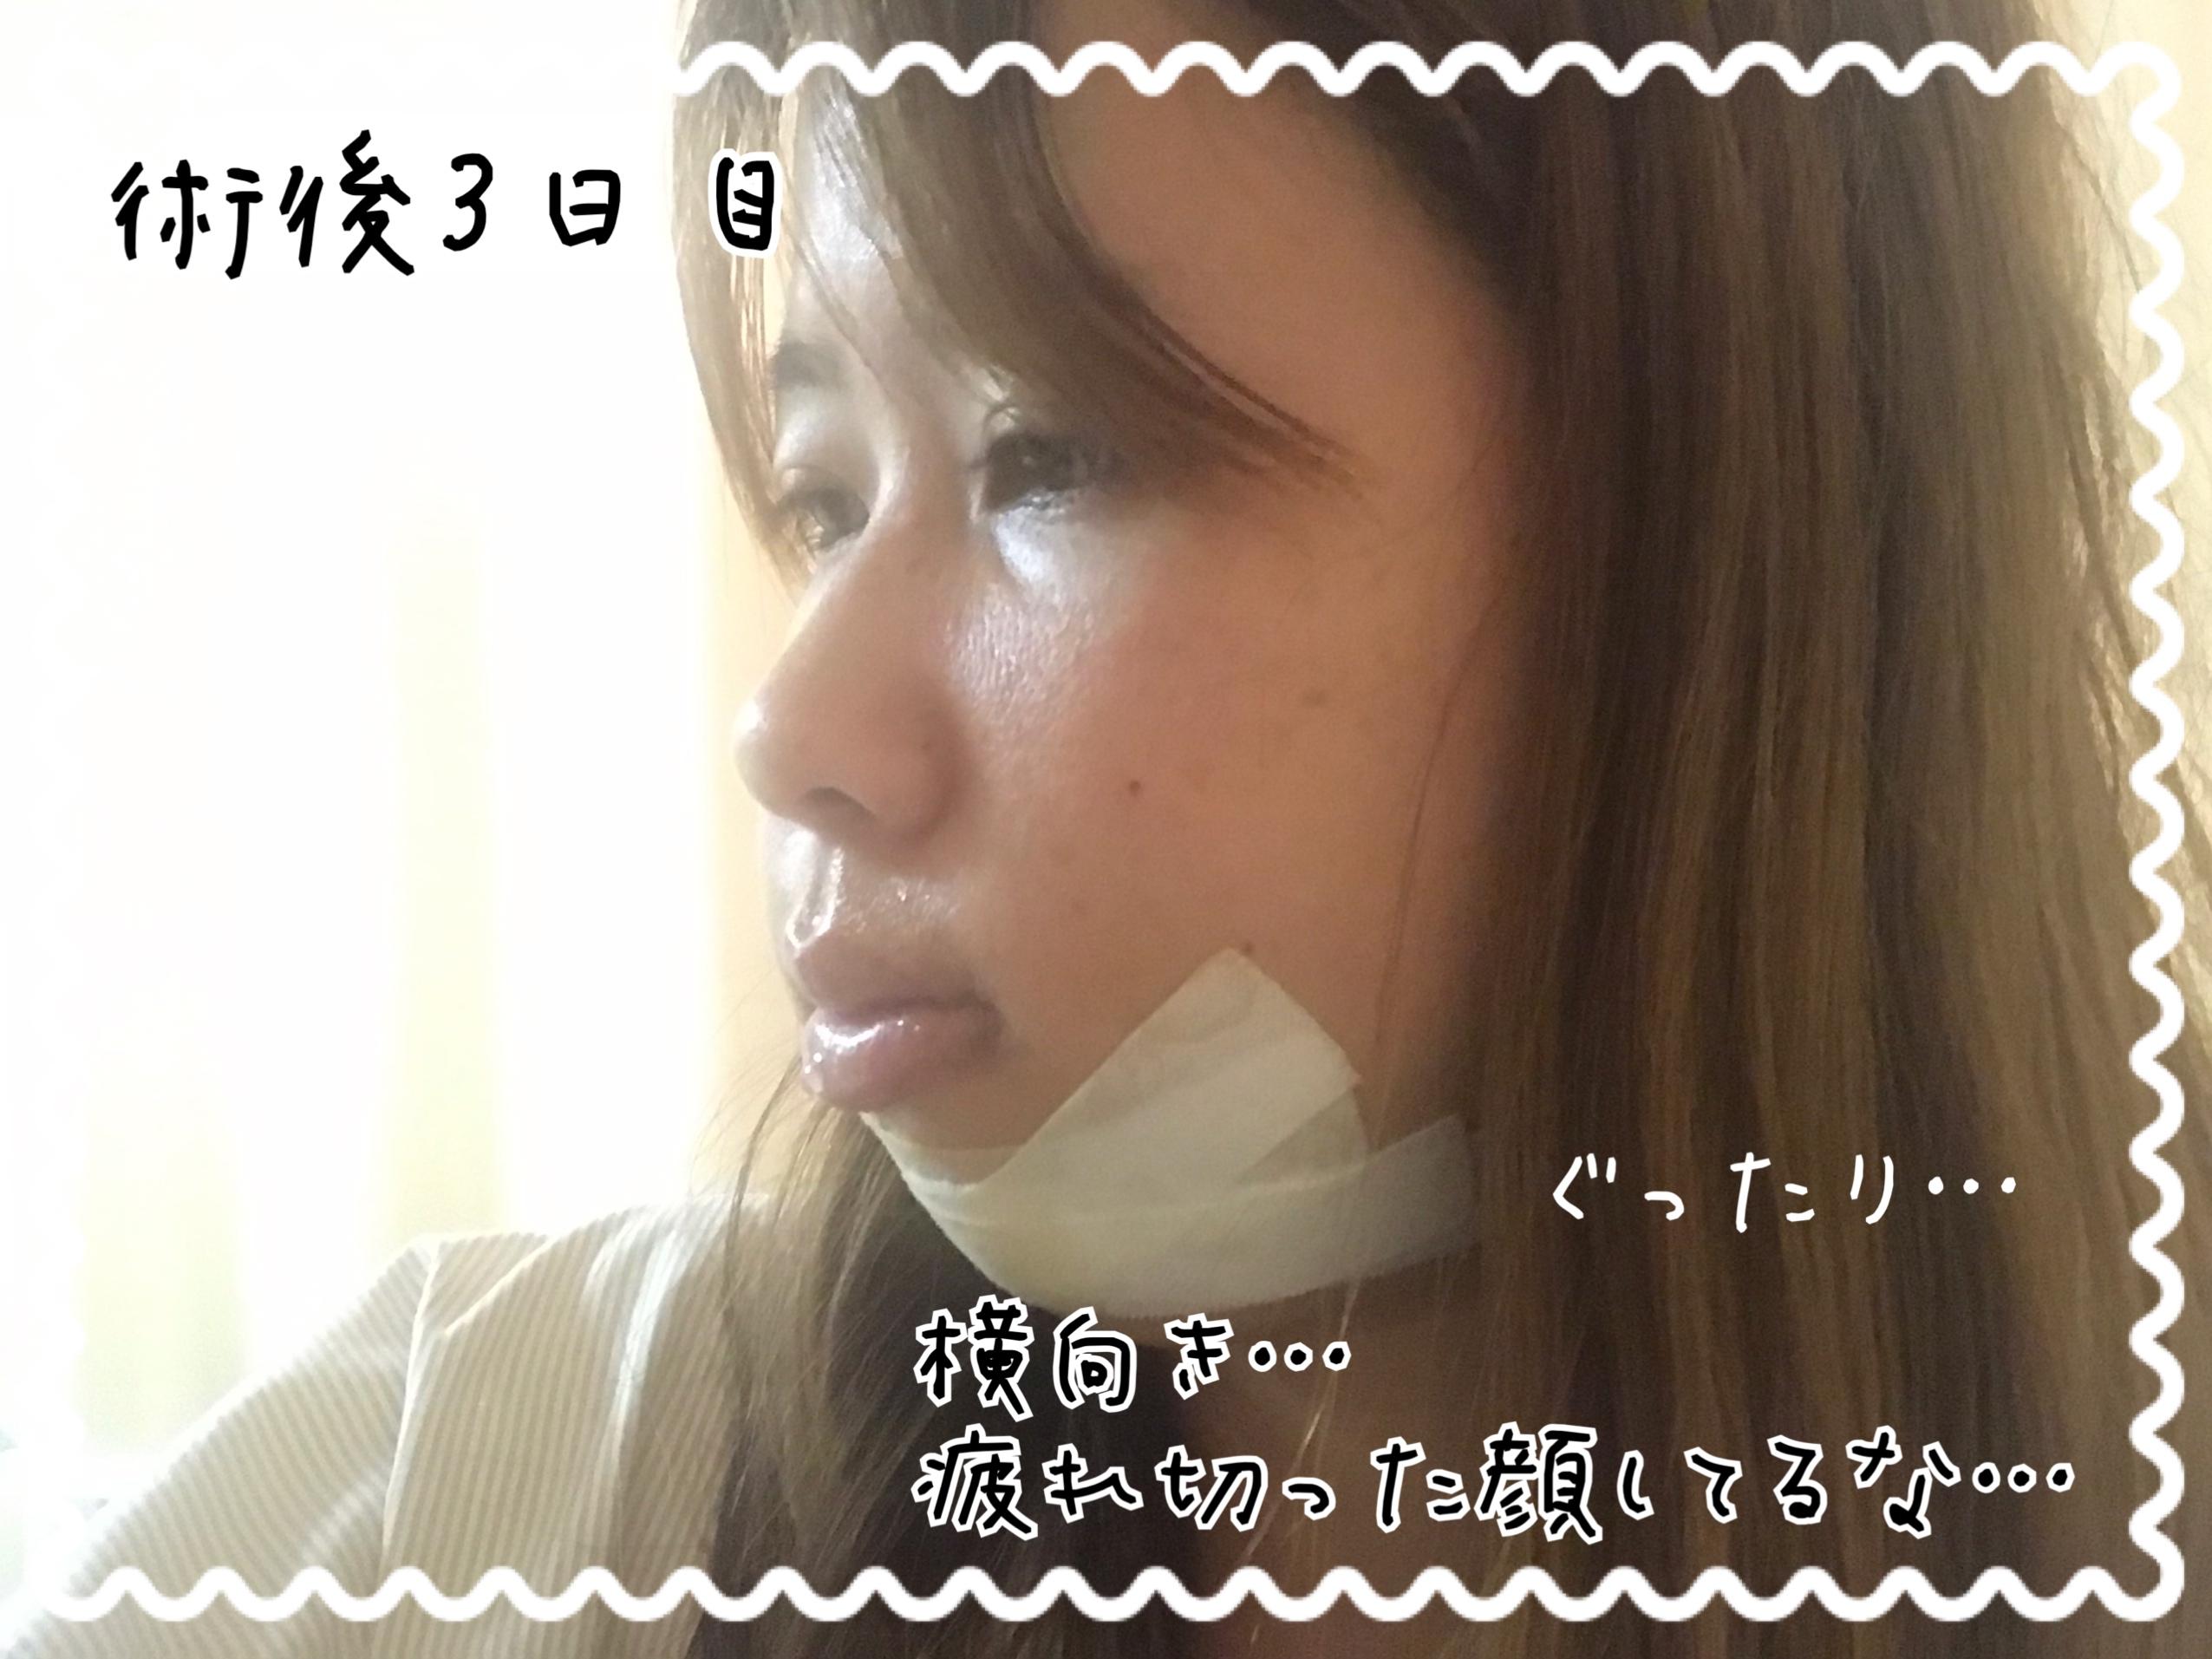 顎変形症手術 顔の腫れ